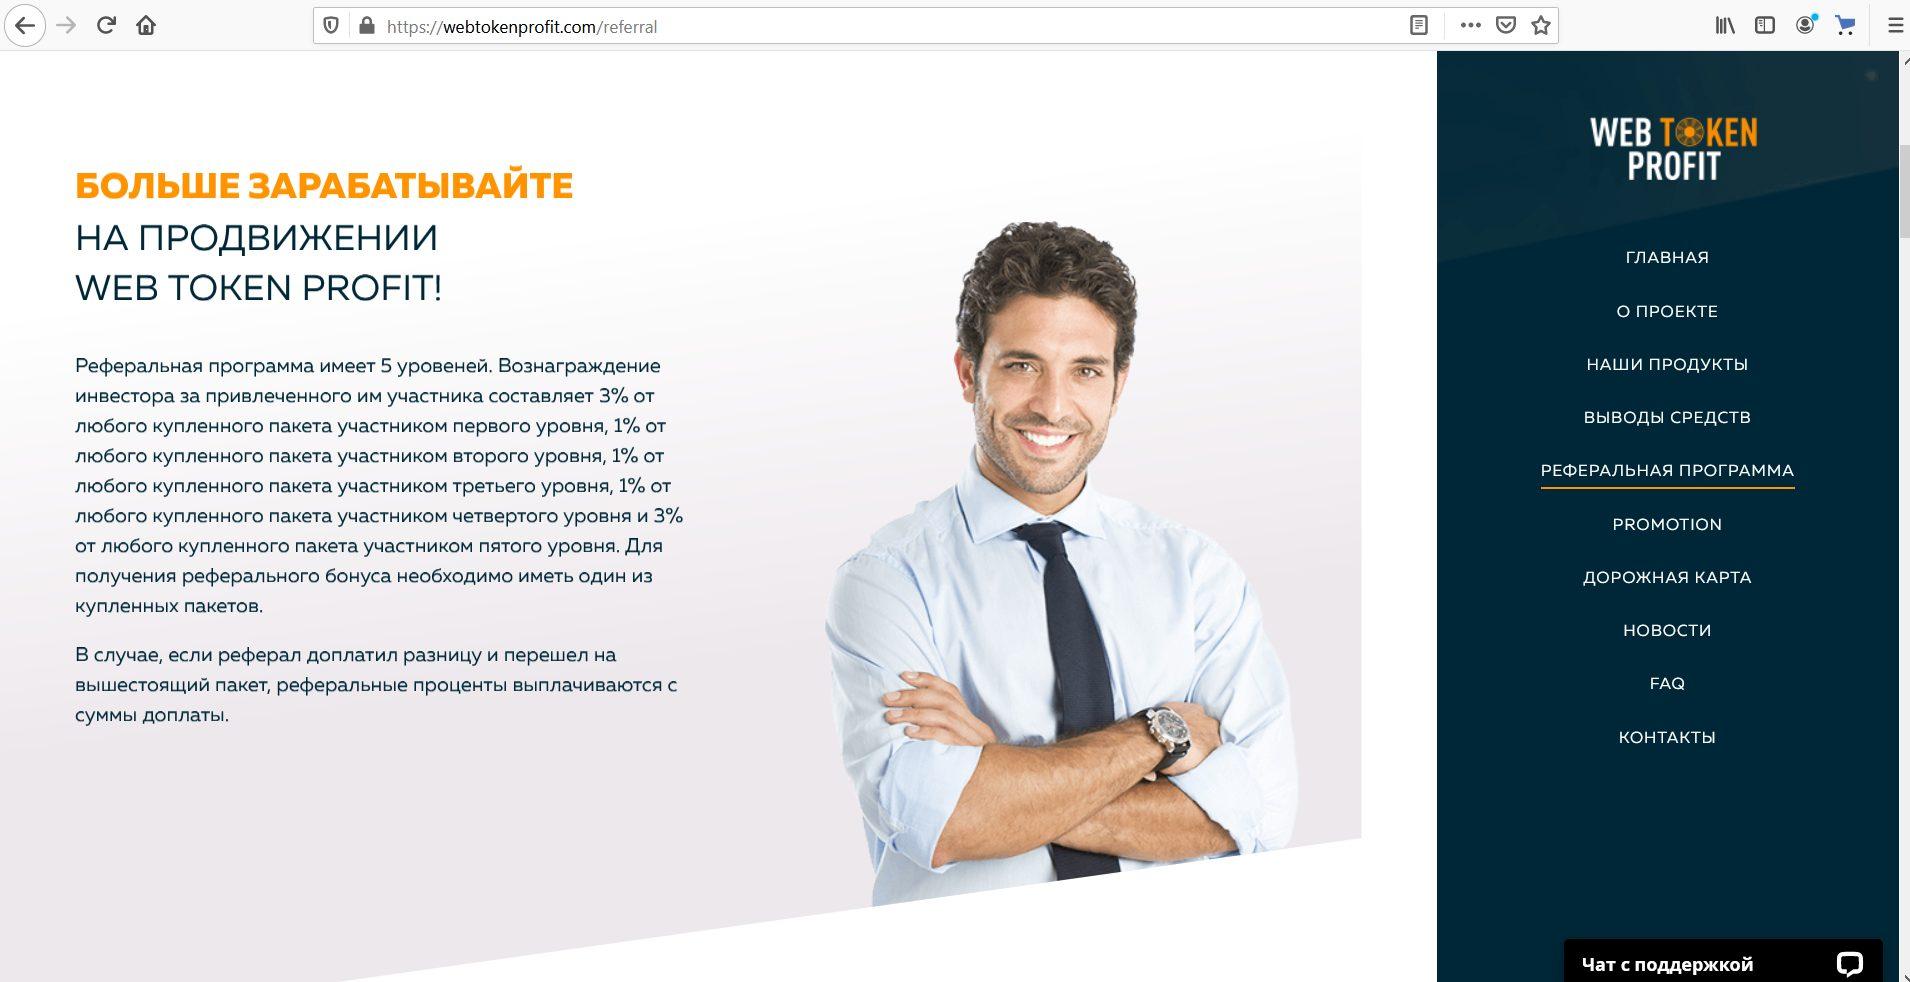 «Реферальная программа» на сайте Web Token Profit